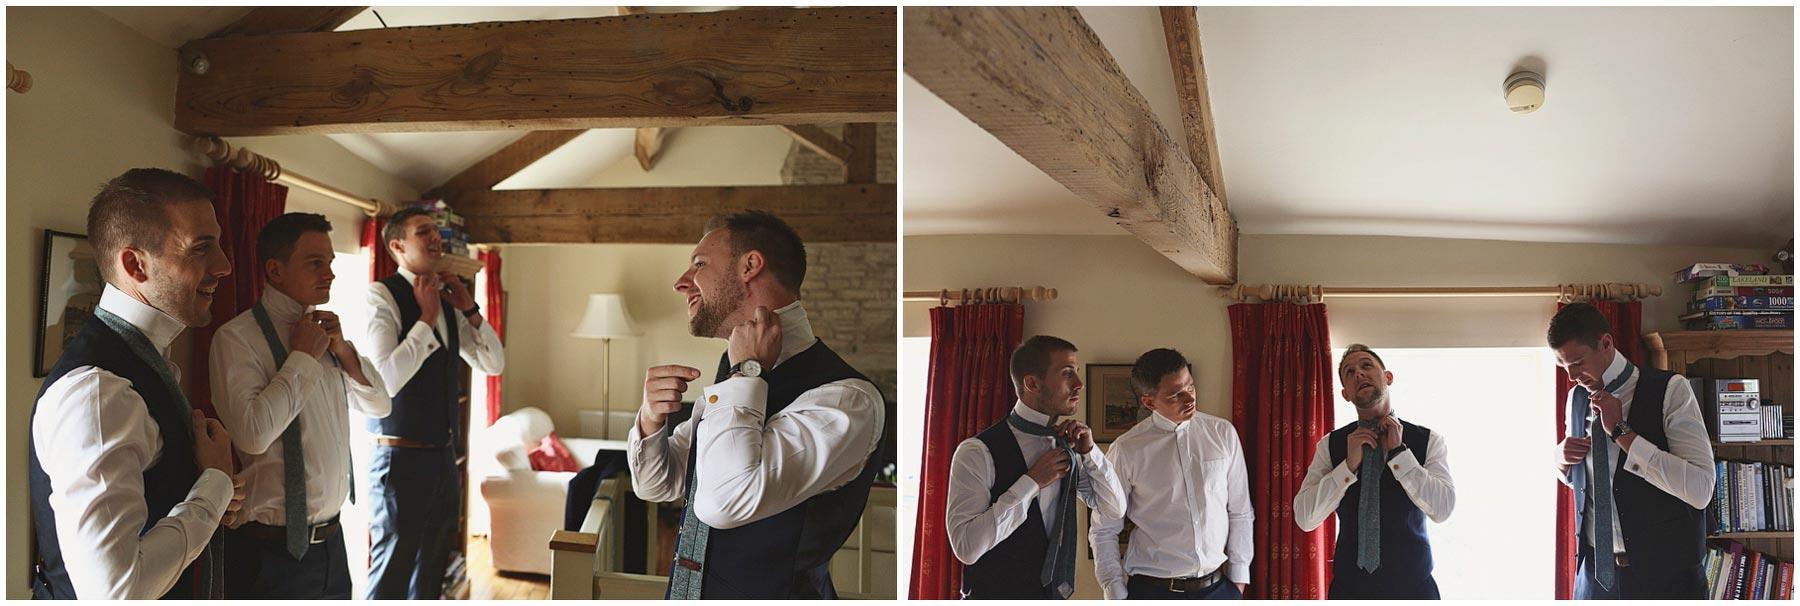 the-spiced-pear-wedding-photographer_0014